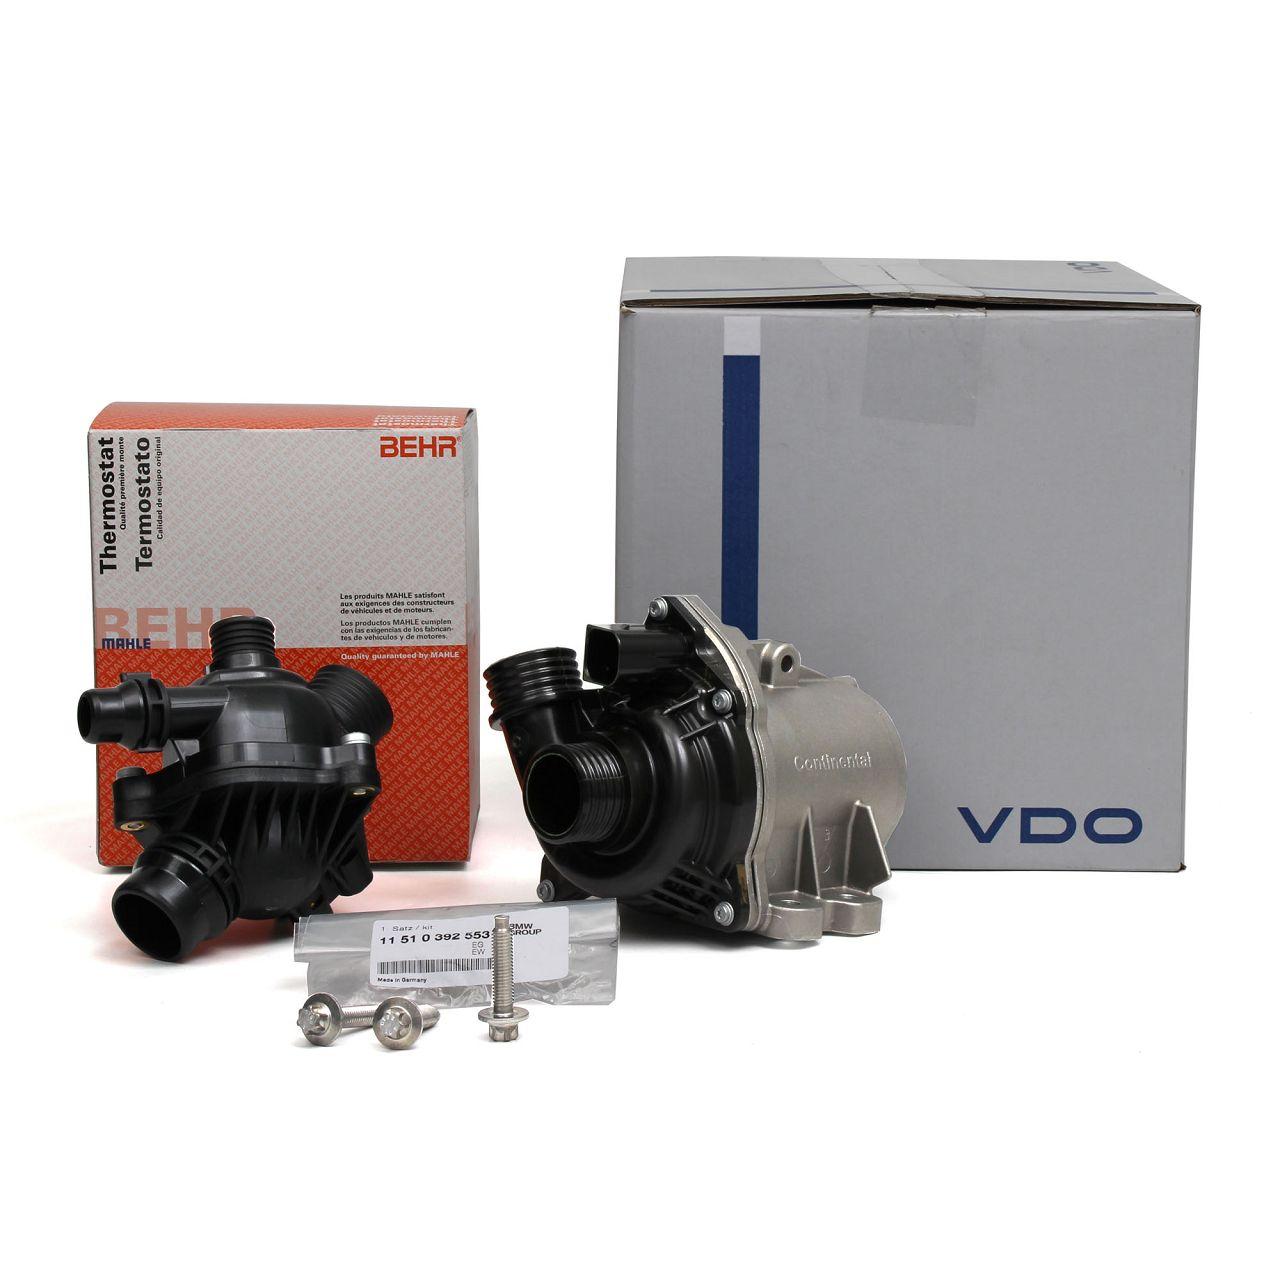 VDO Wasserpumpe + ORIGINAL BMW Schrauben Satz + BEHR / MAHLE Thermostat für BMW 1er 3er